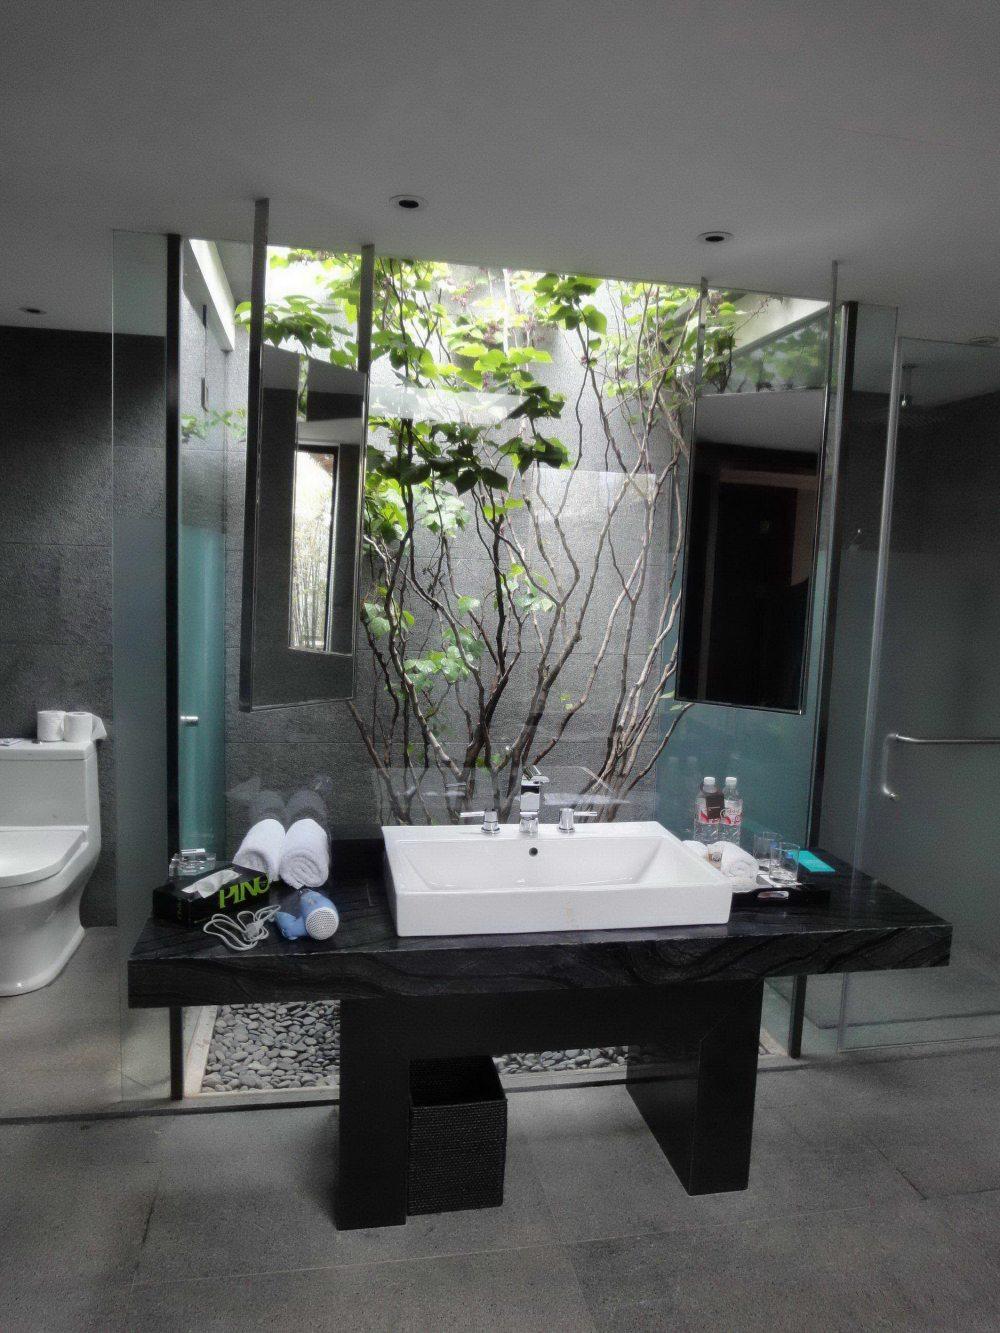 云南丽江铂尔曼渡假酒店(Lijiang Pullman Hotel)(CCD)(第8页更新)_DSC05173.jpg